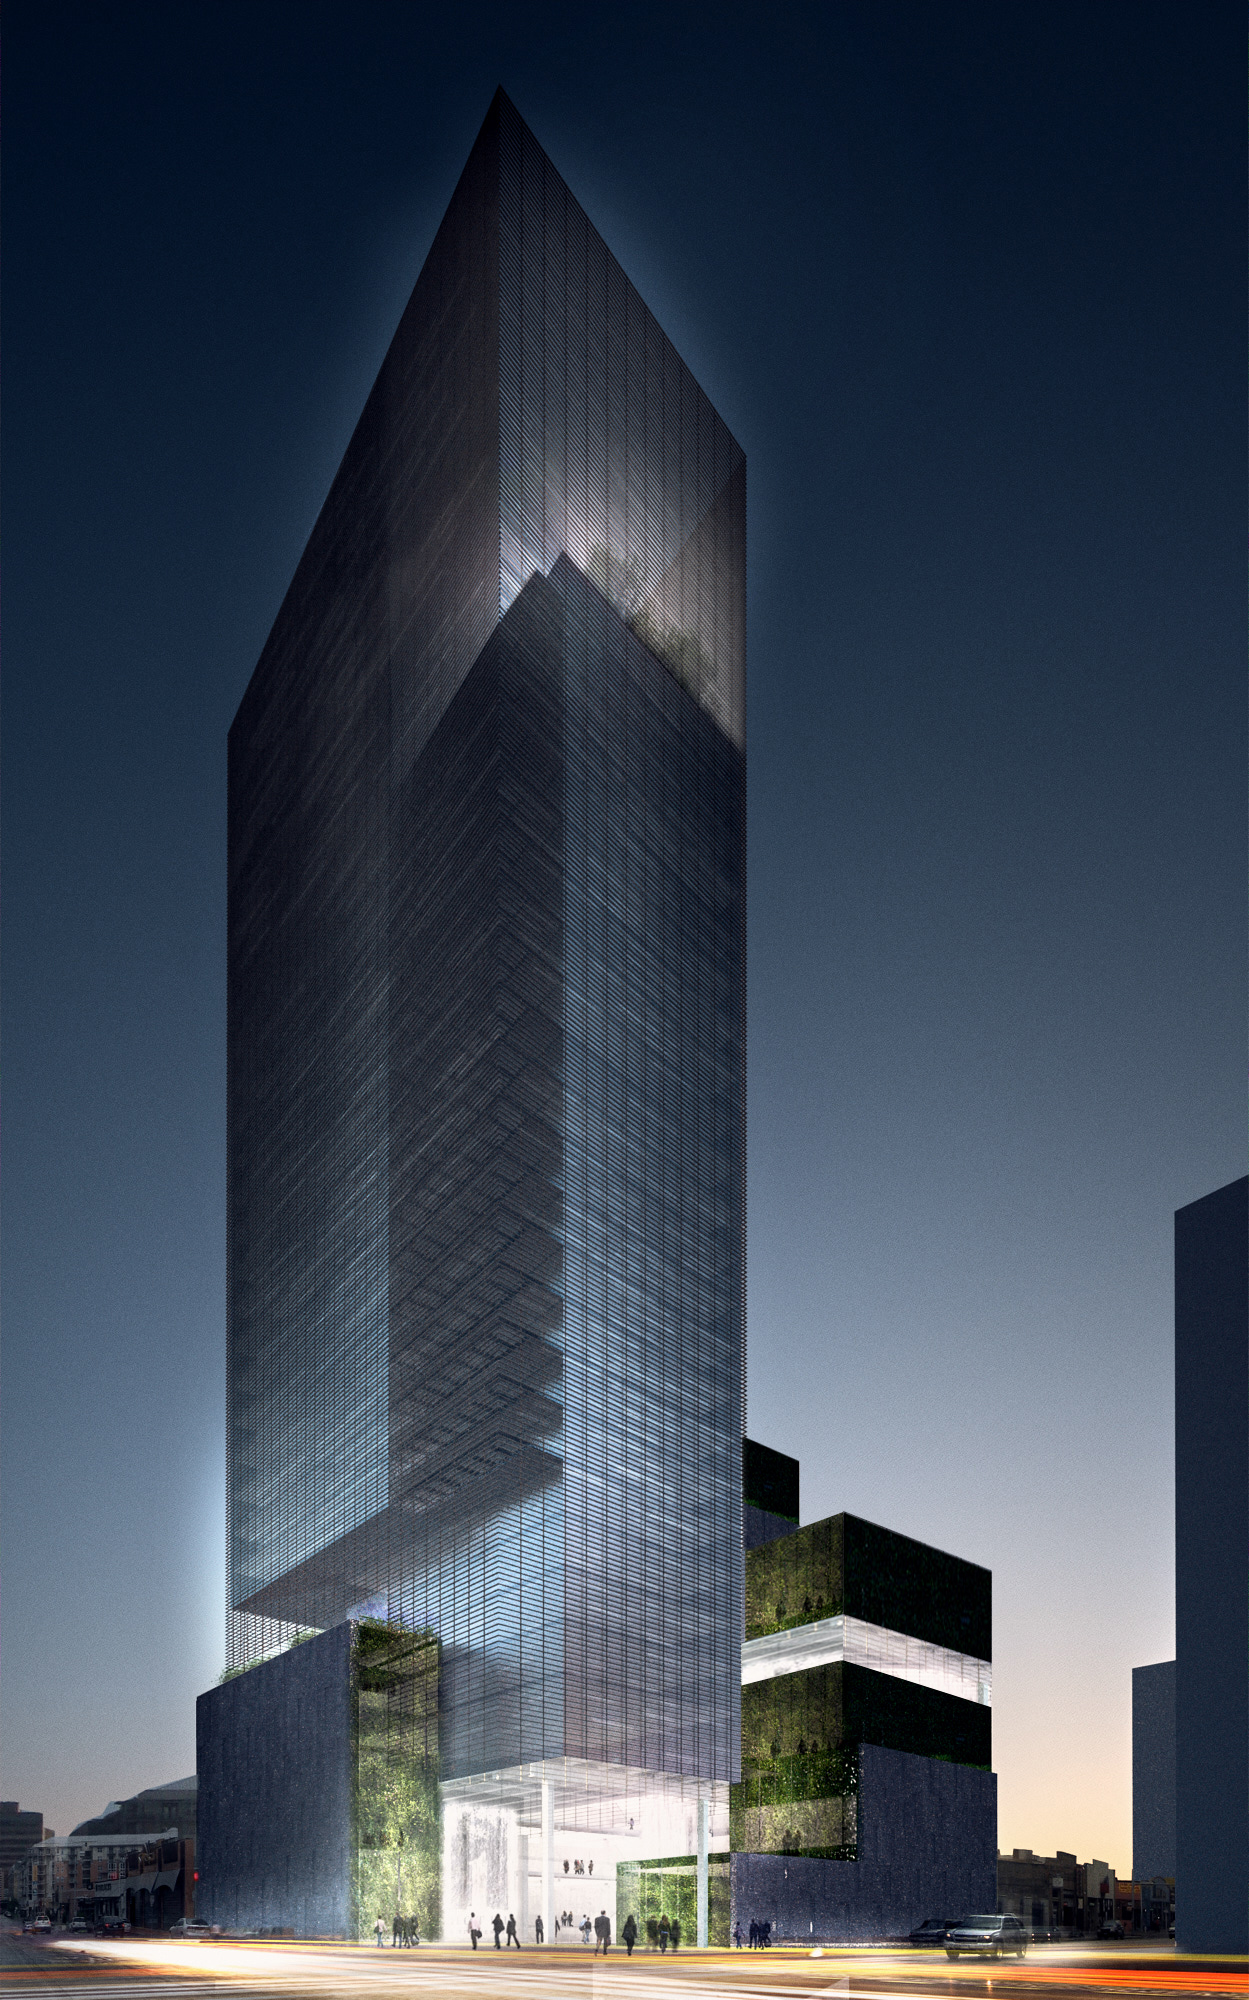 tower_night_rendering_adjusted_LR-01.jpg